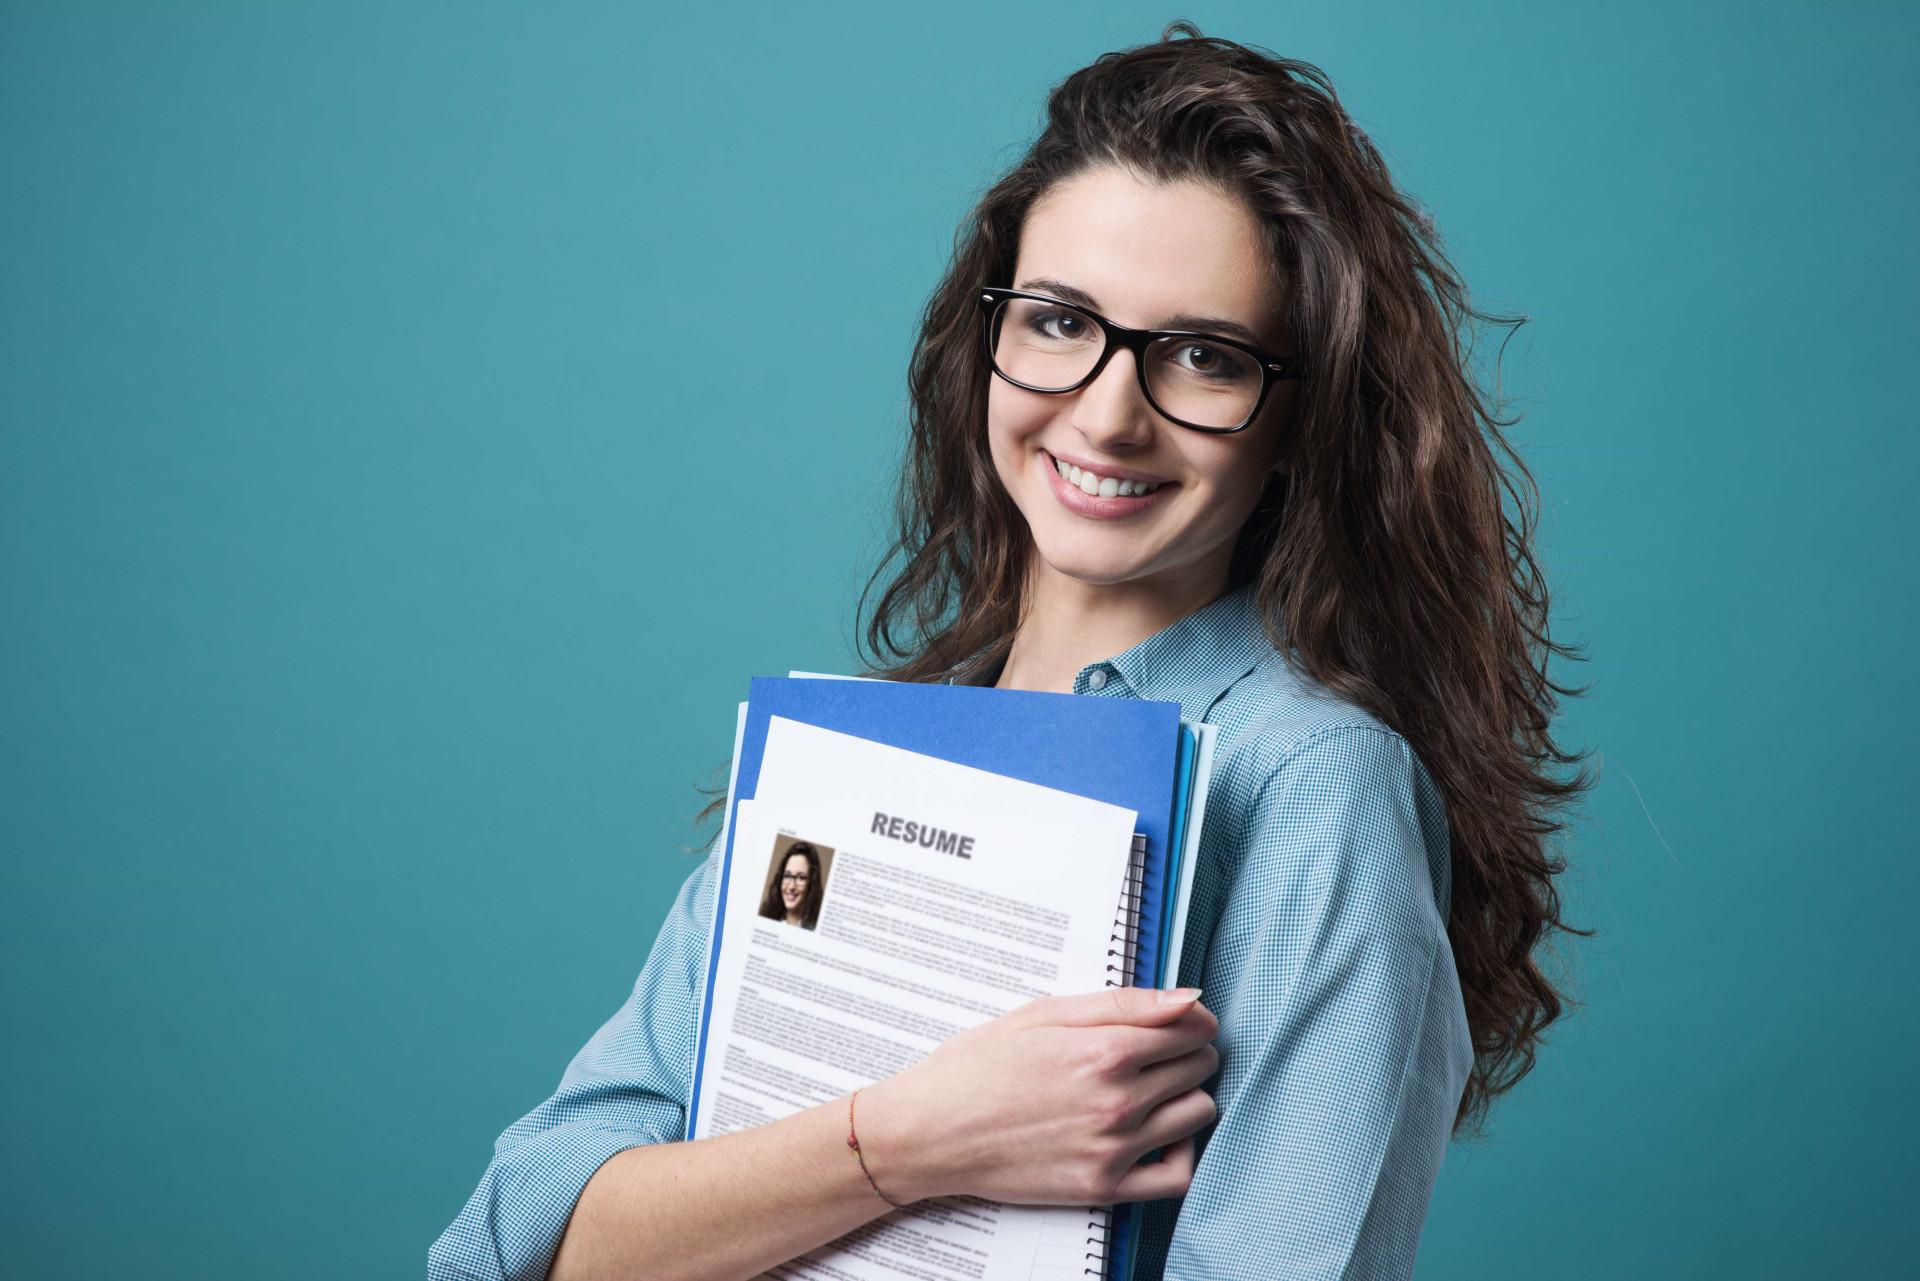 Emprego: Saiba o que não deve colocar no seu currículo